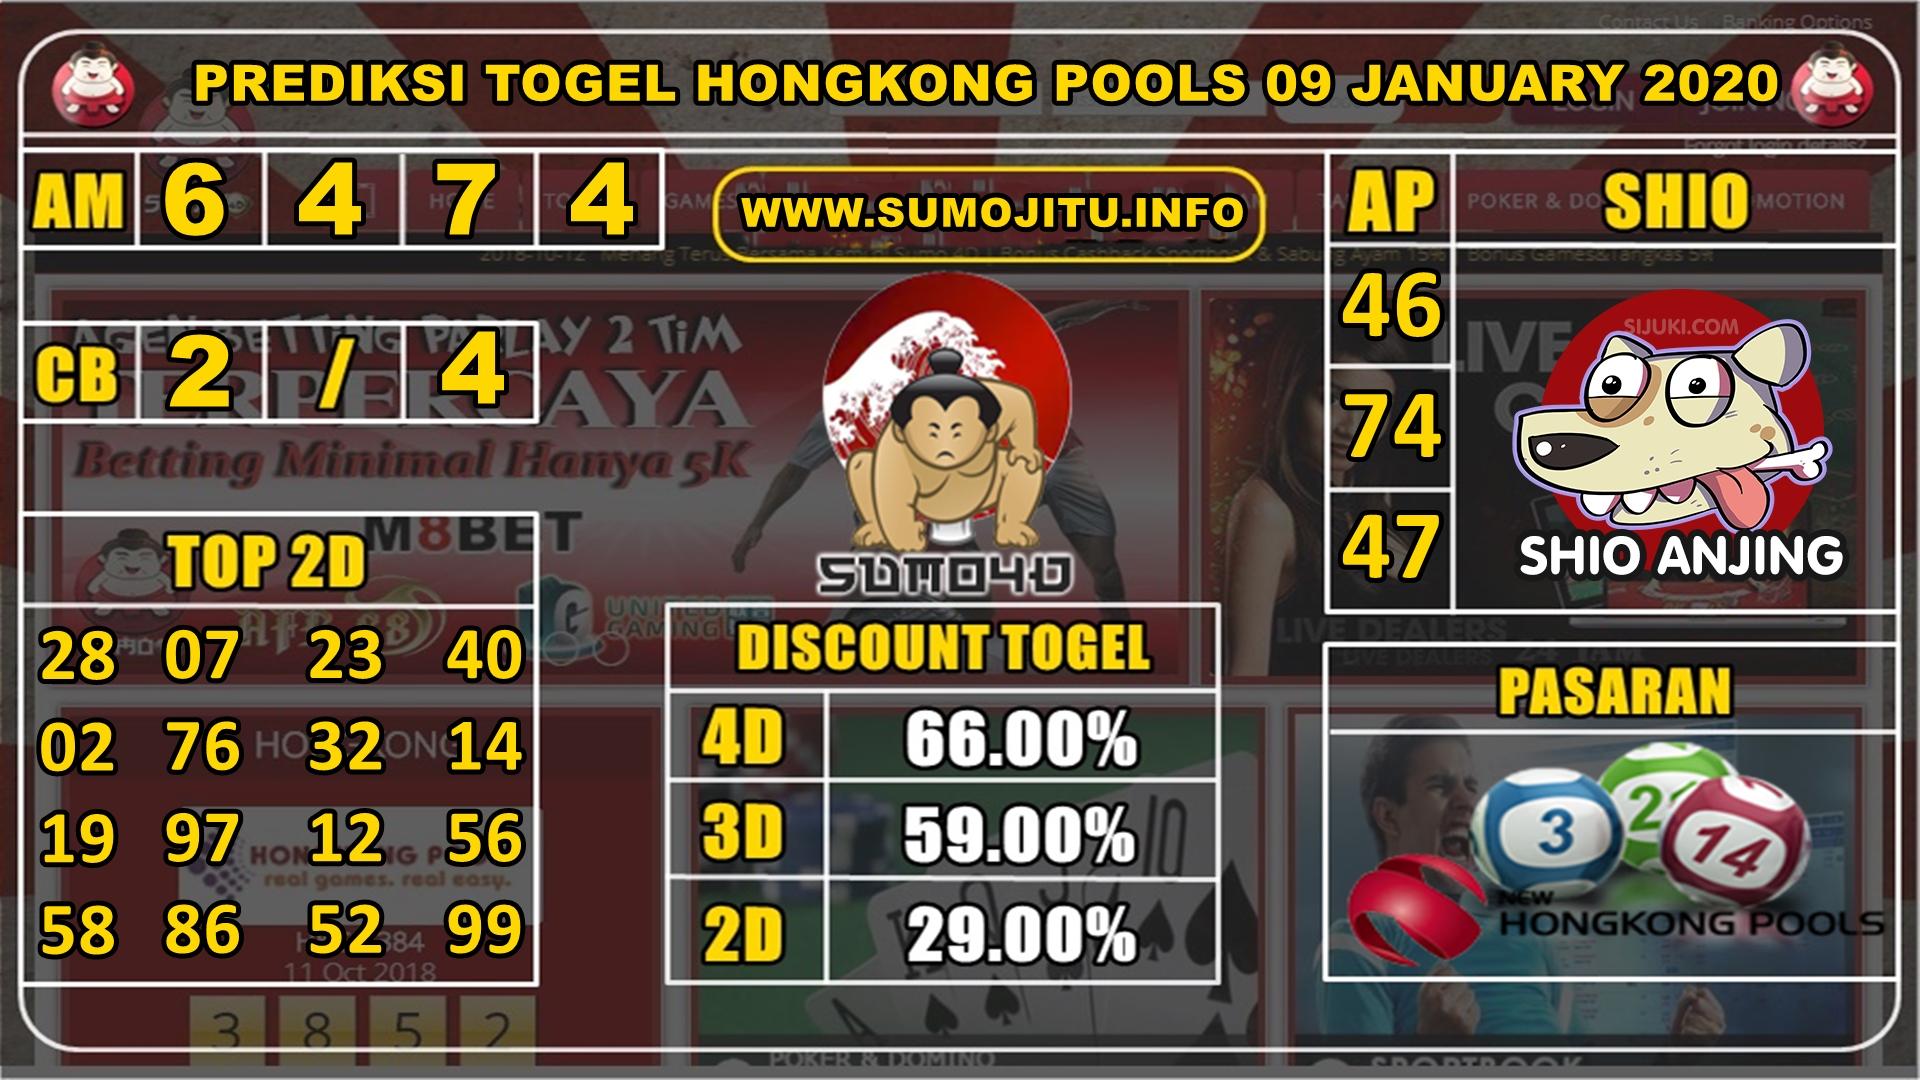 PREDIKSI TOGEL HONGKONG POOLS 09 JANUARY 2020